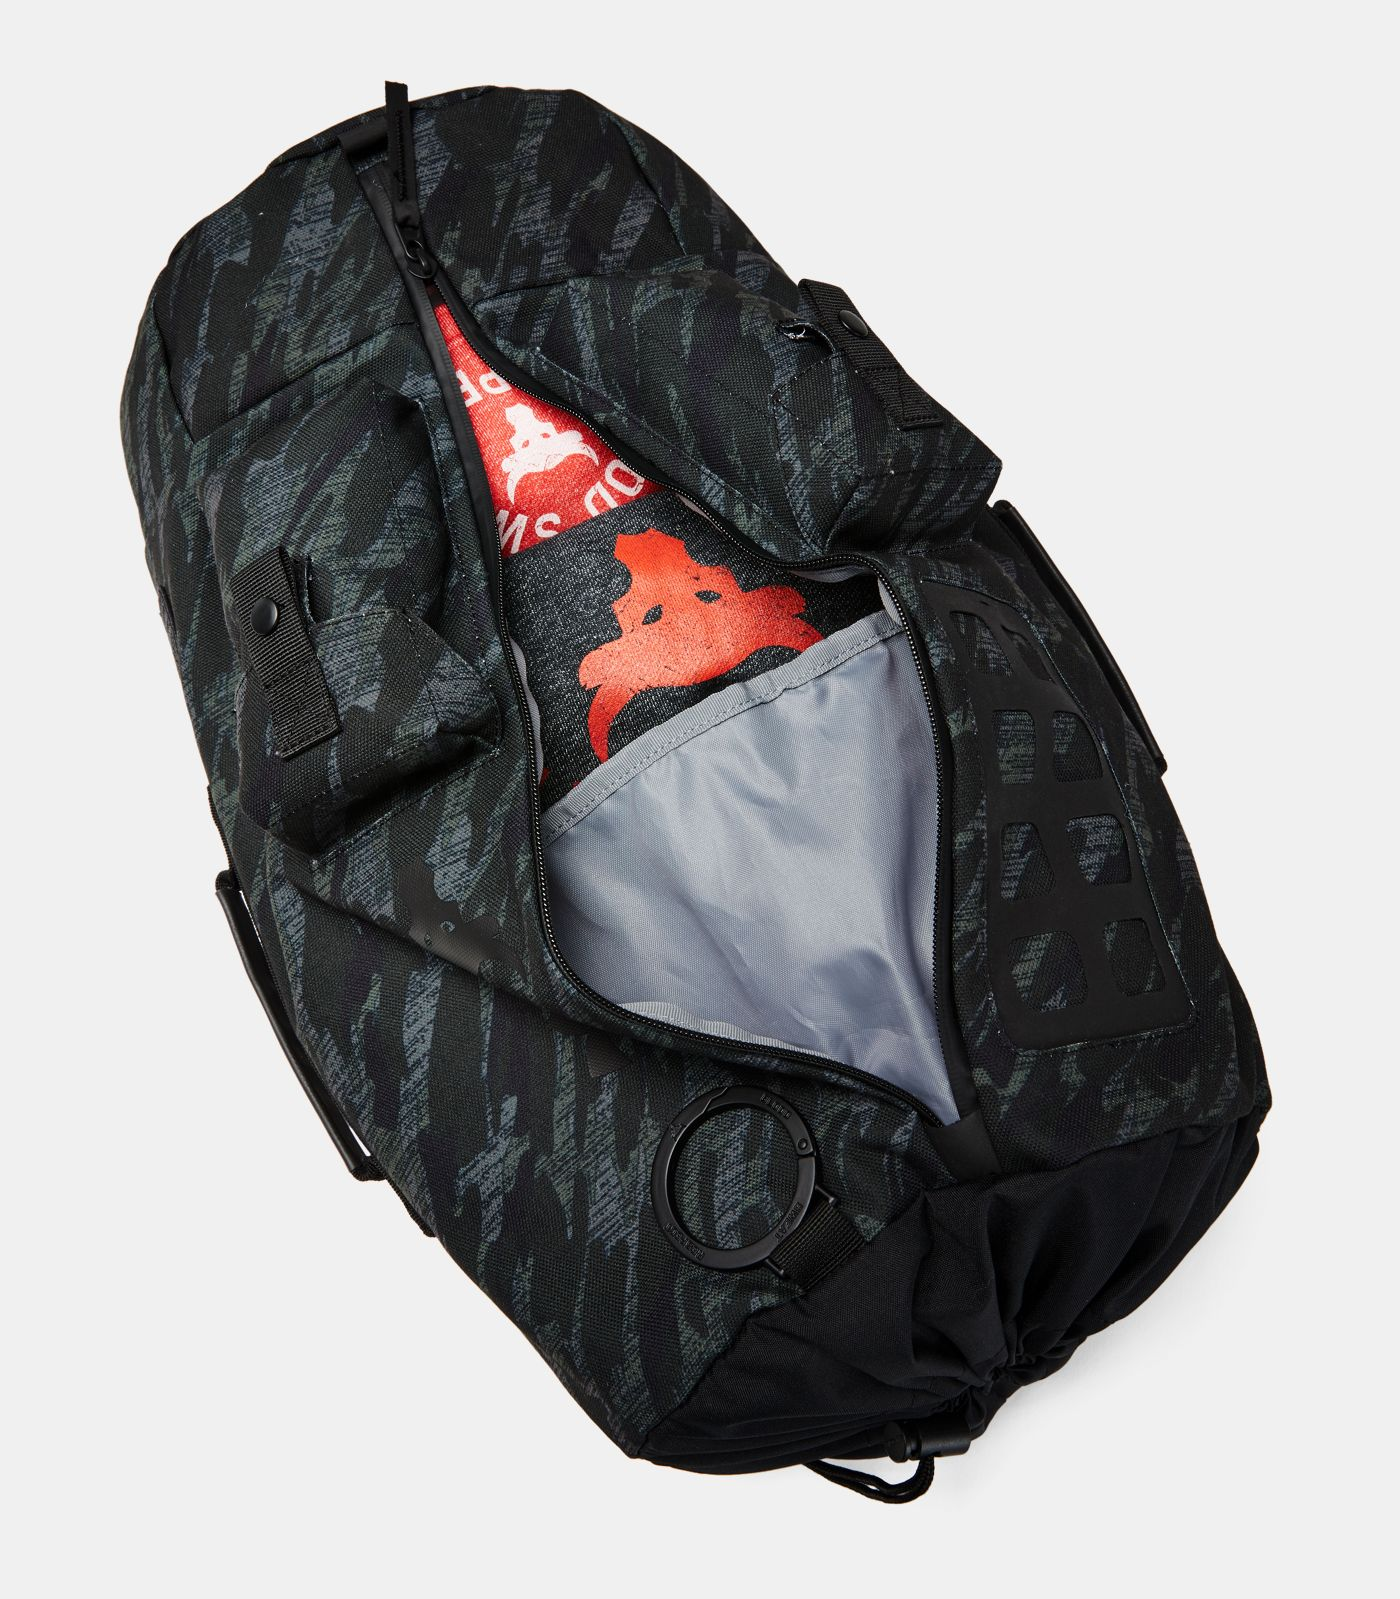 b9d1718385 UA x Project Rock 60 Bag 4 - Geek & Gentleman|suit accessories ...